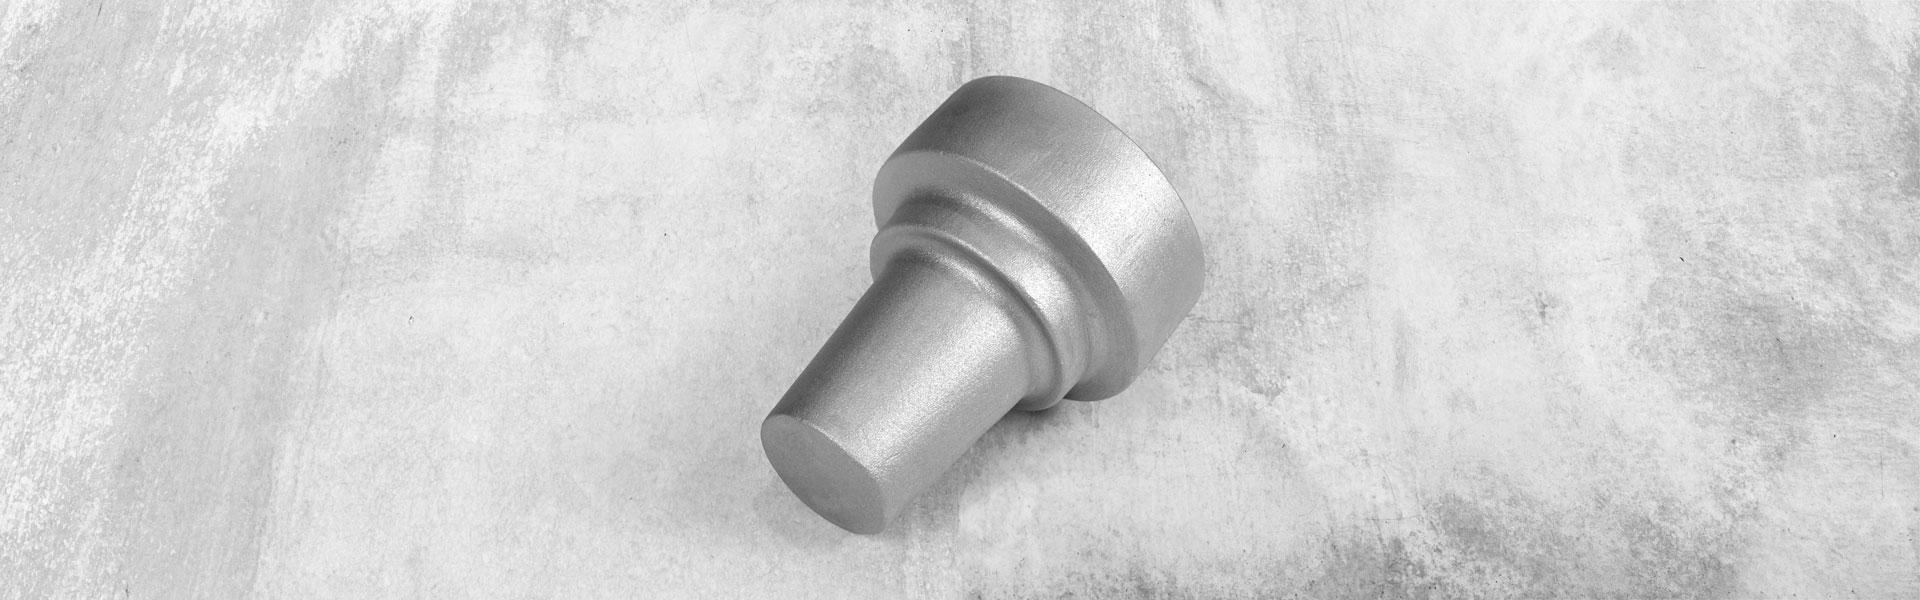 Rohlinge für CNC-Drehen und -Fräsen